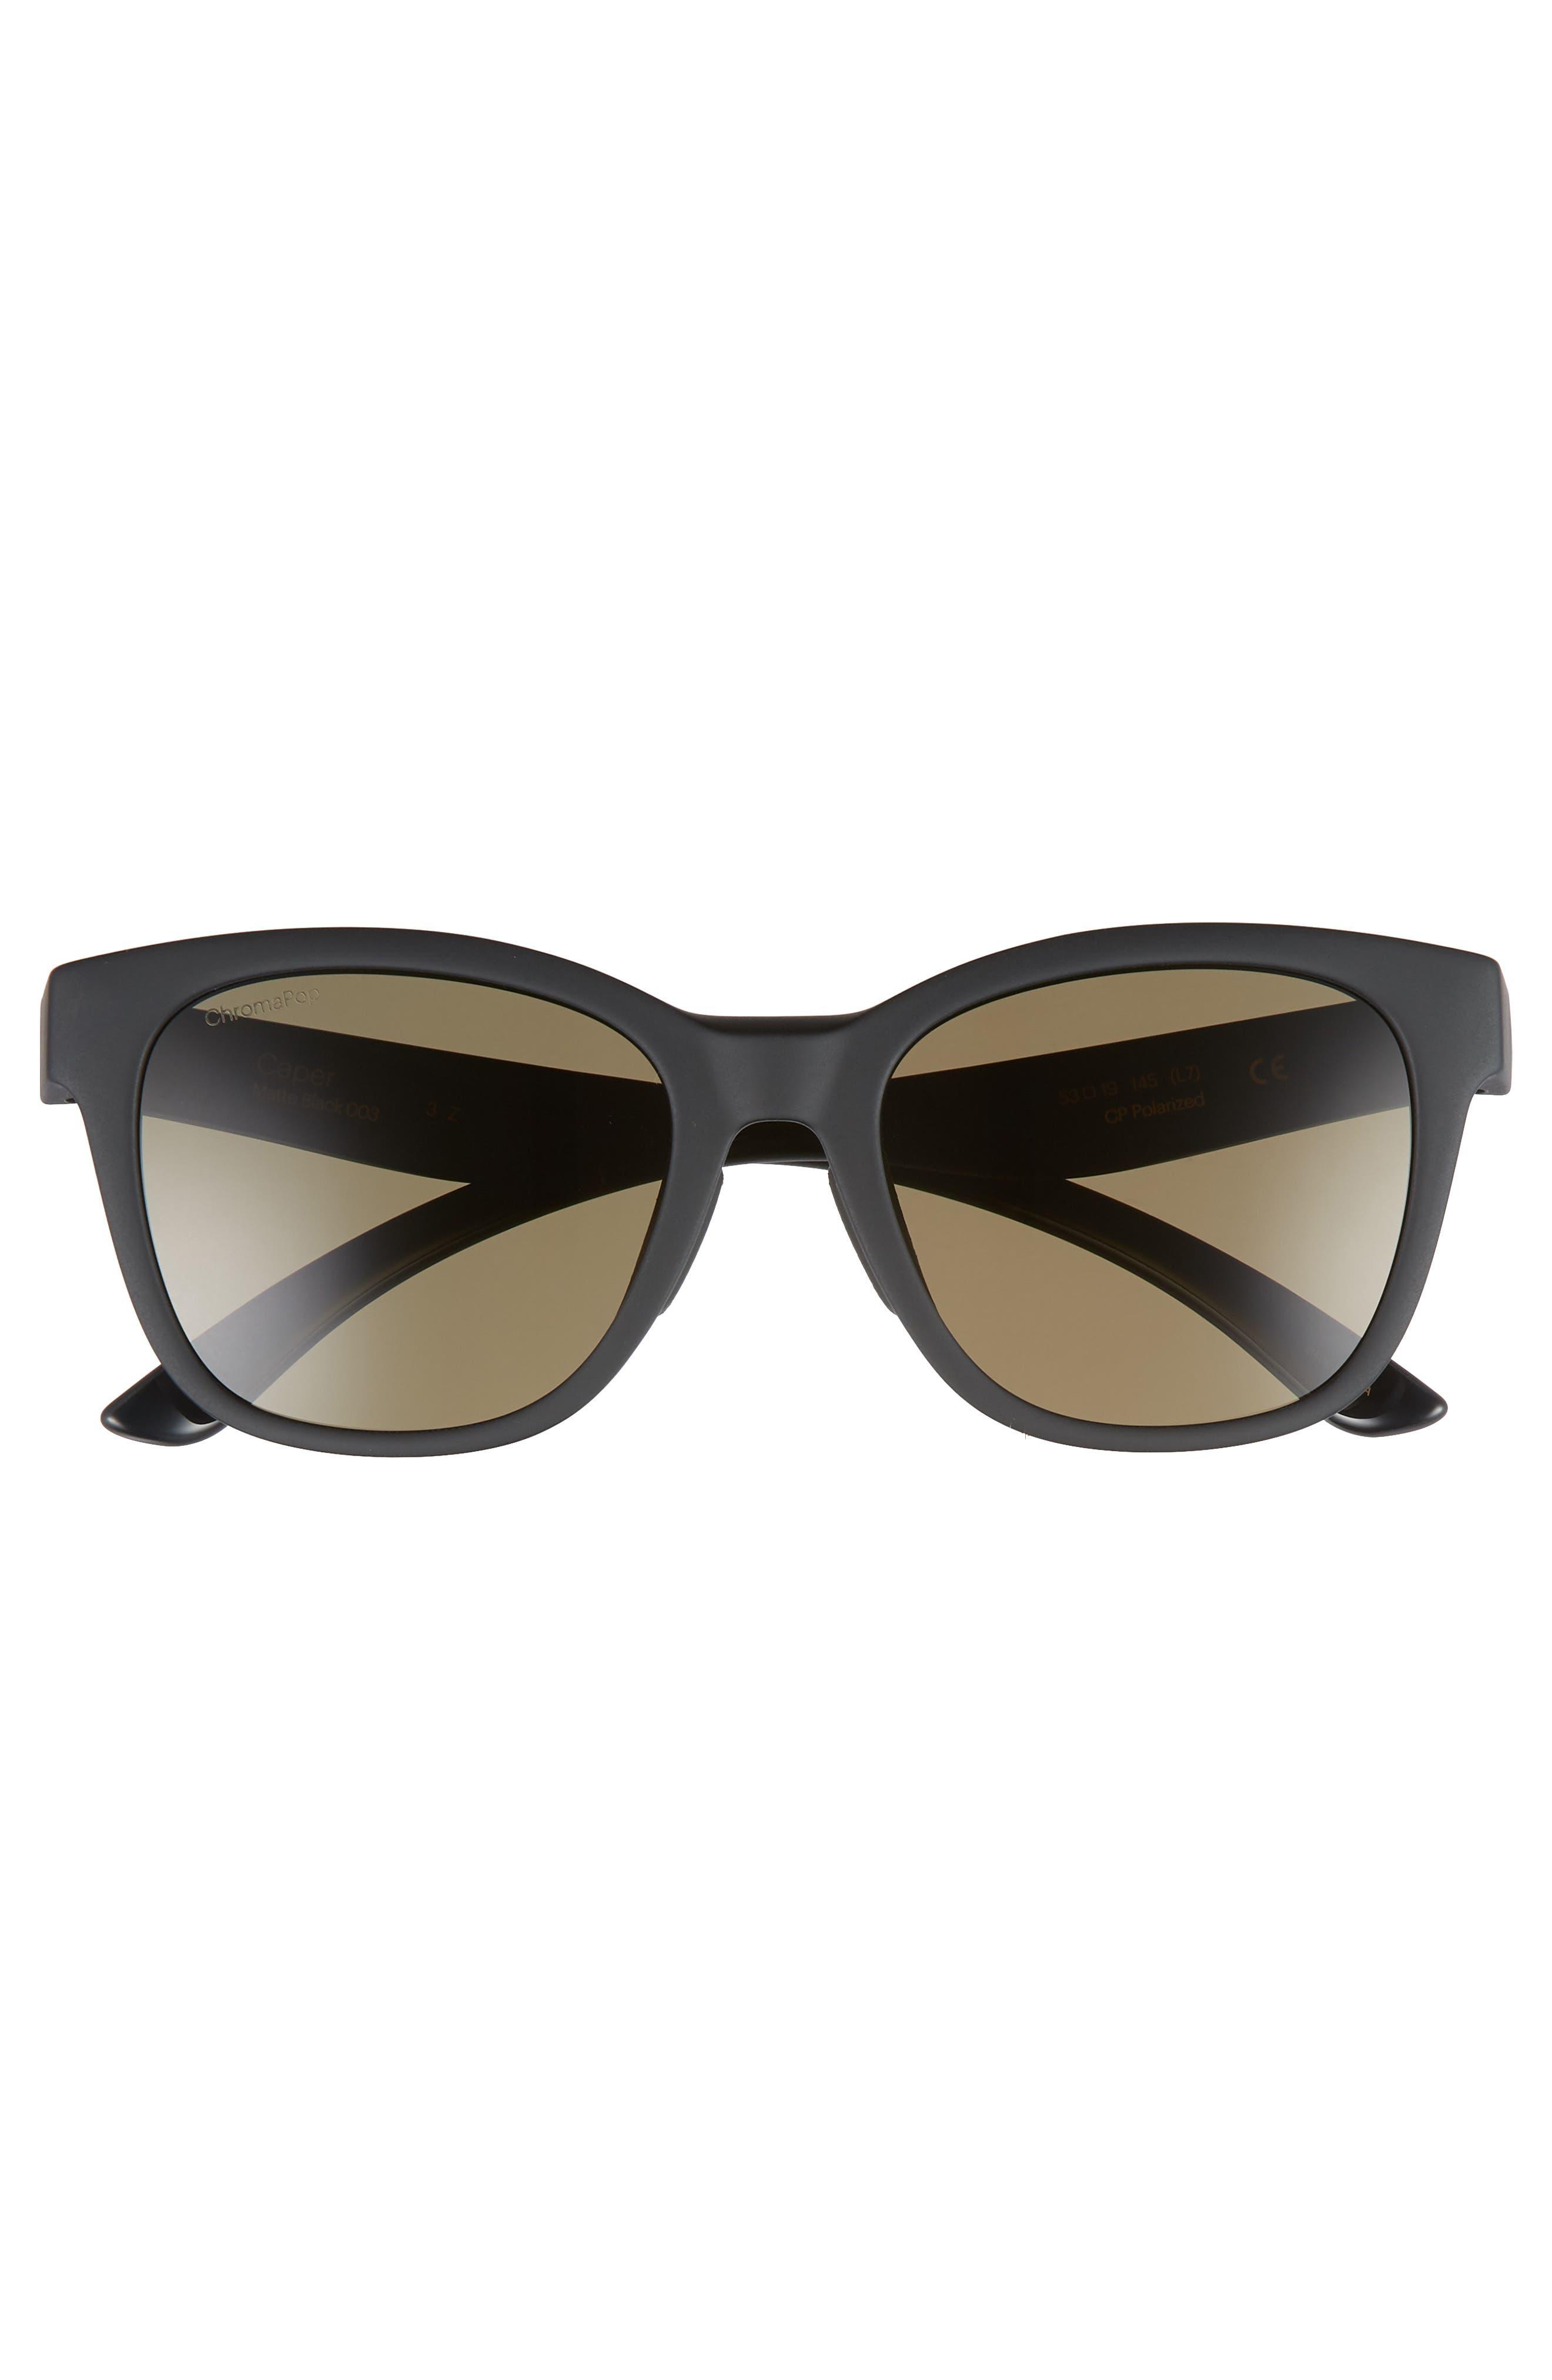 SMITH,                             Caper 53mm ChromaPop<sup>™</sup> Square Sunglasses,                             Alternate thumbnail 3, color,                             MATTE BLACK